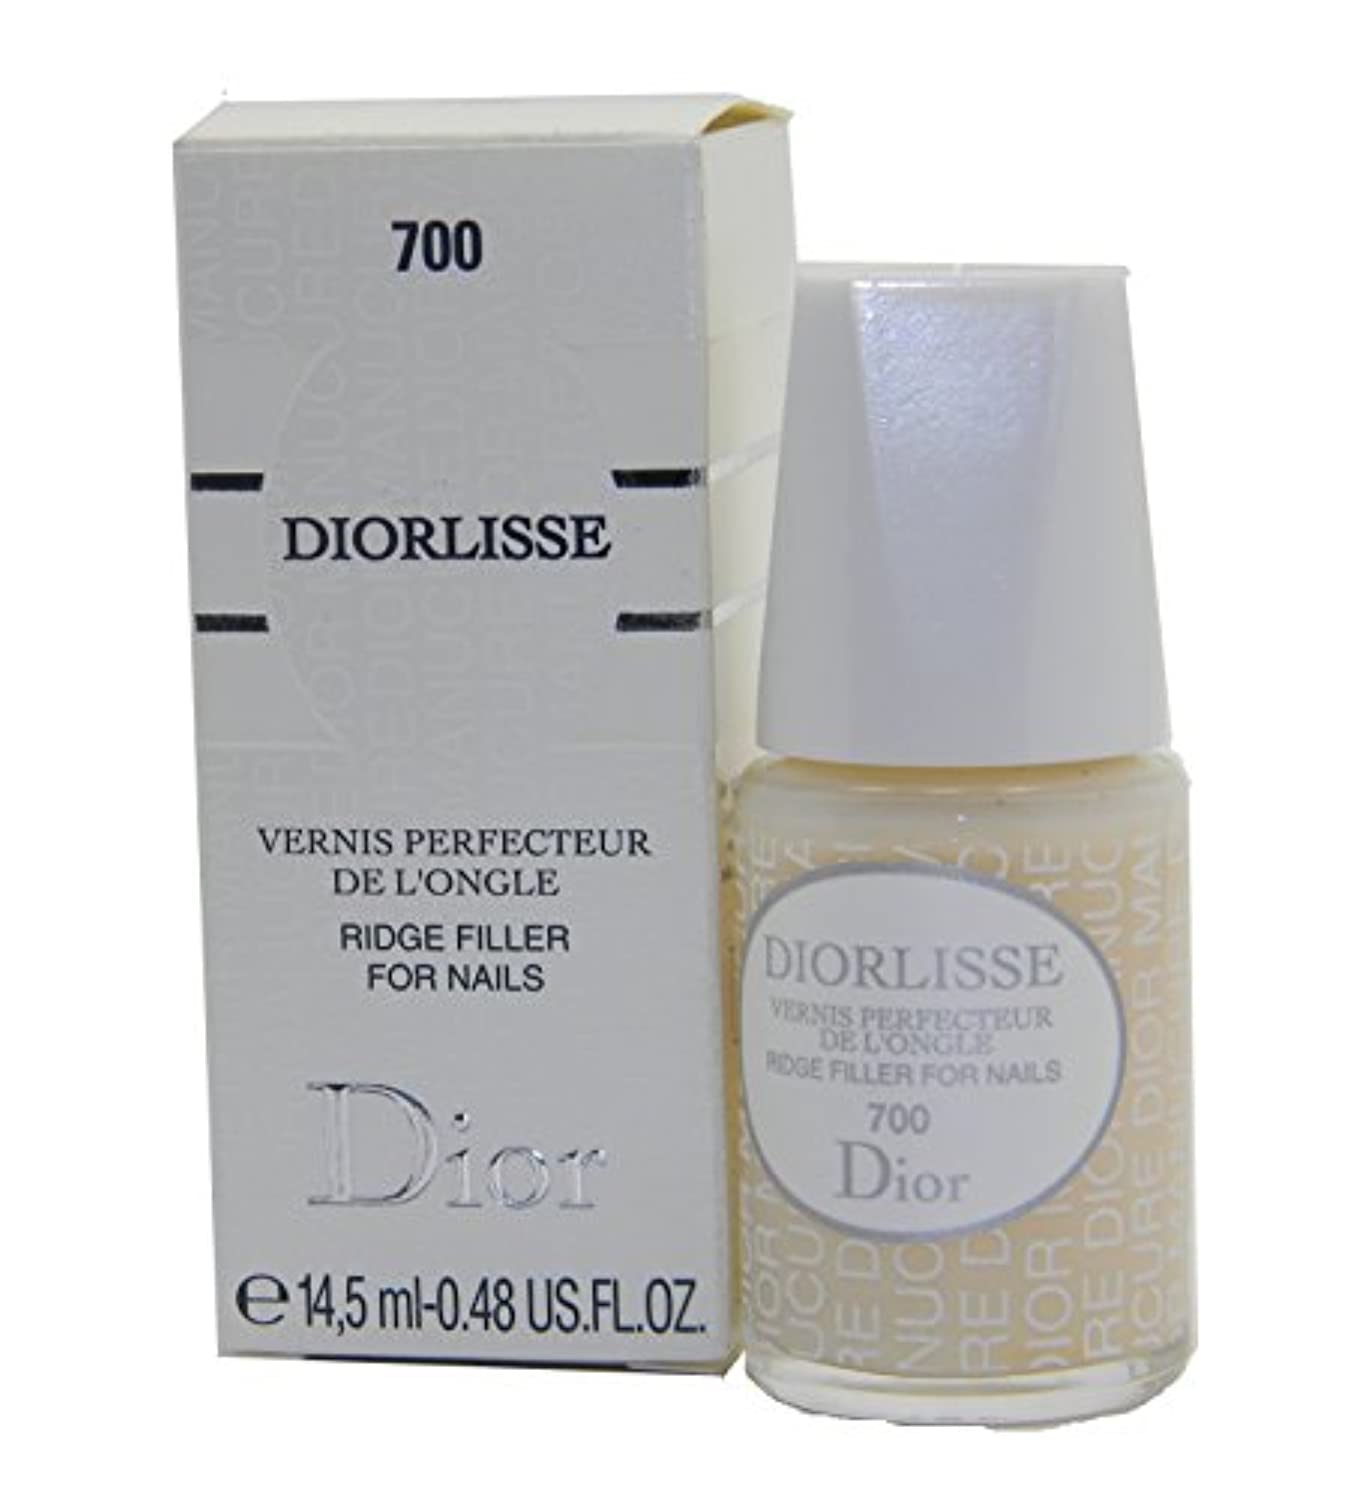 アカウント推定爵Dior Diorlisse Ridge Filler For Nail 700(ディオールリス リッジフィラー フォーネイル 700)[海外直送品] [並行輸入品]